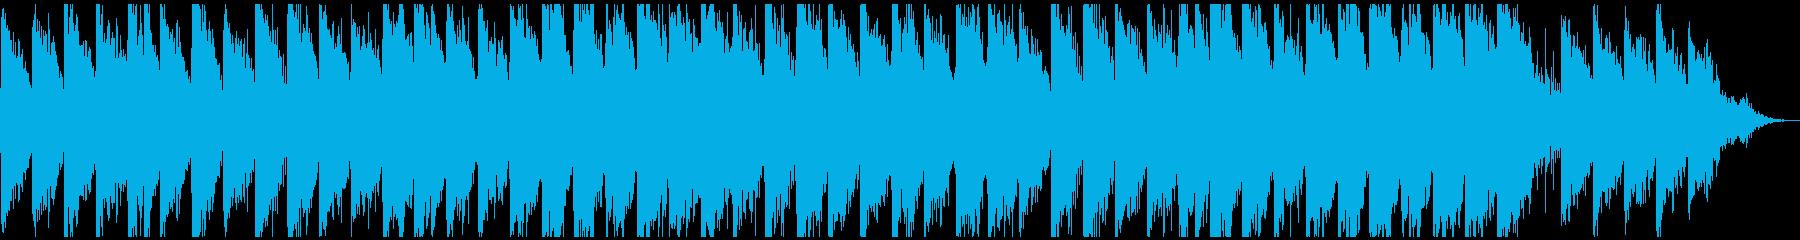 広がりのあるギターのアンビエントの再生済みの波形